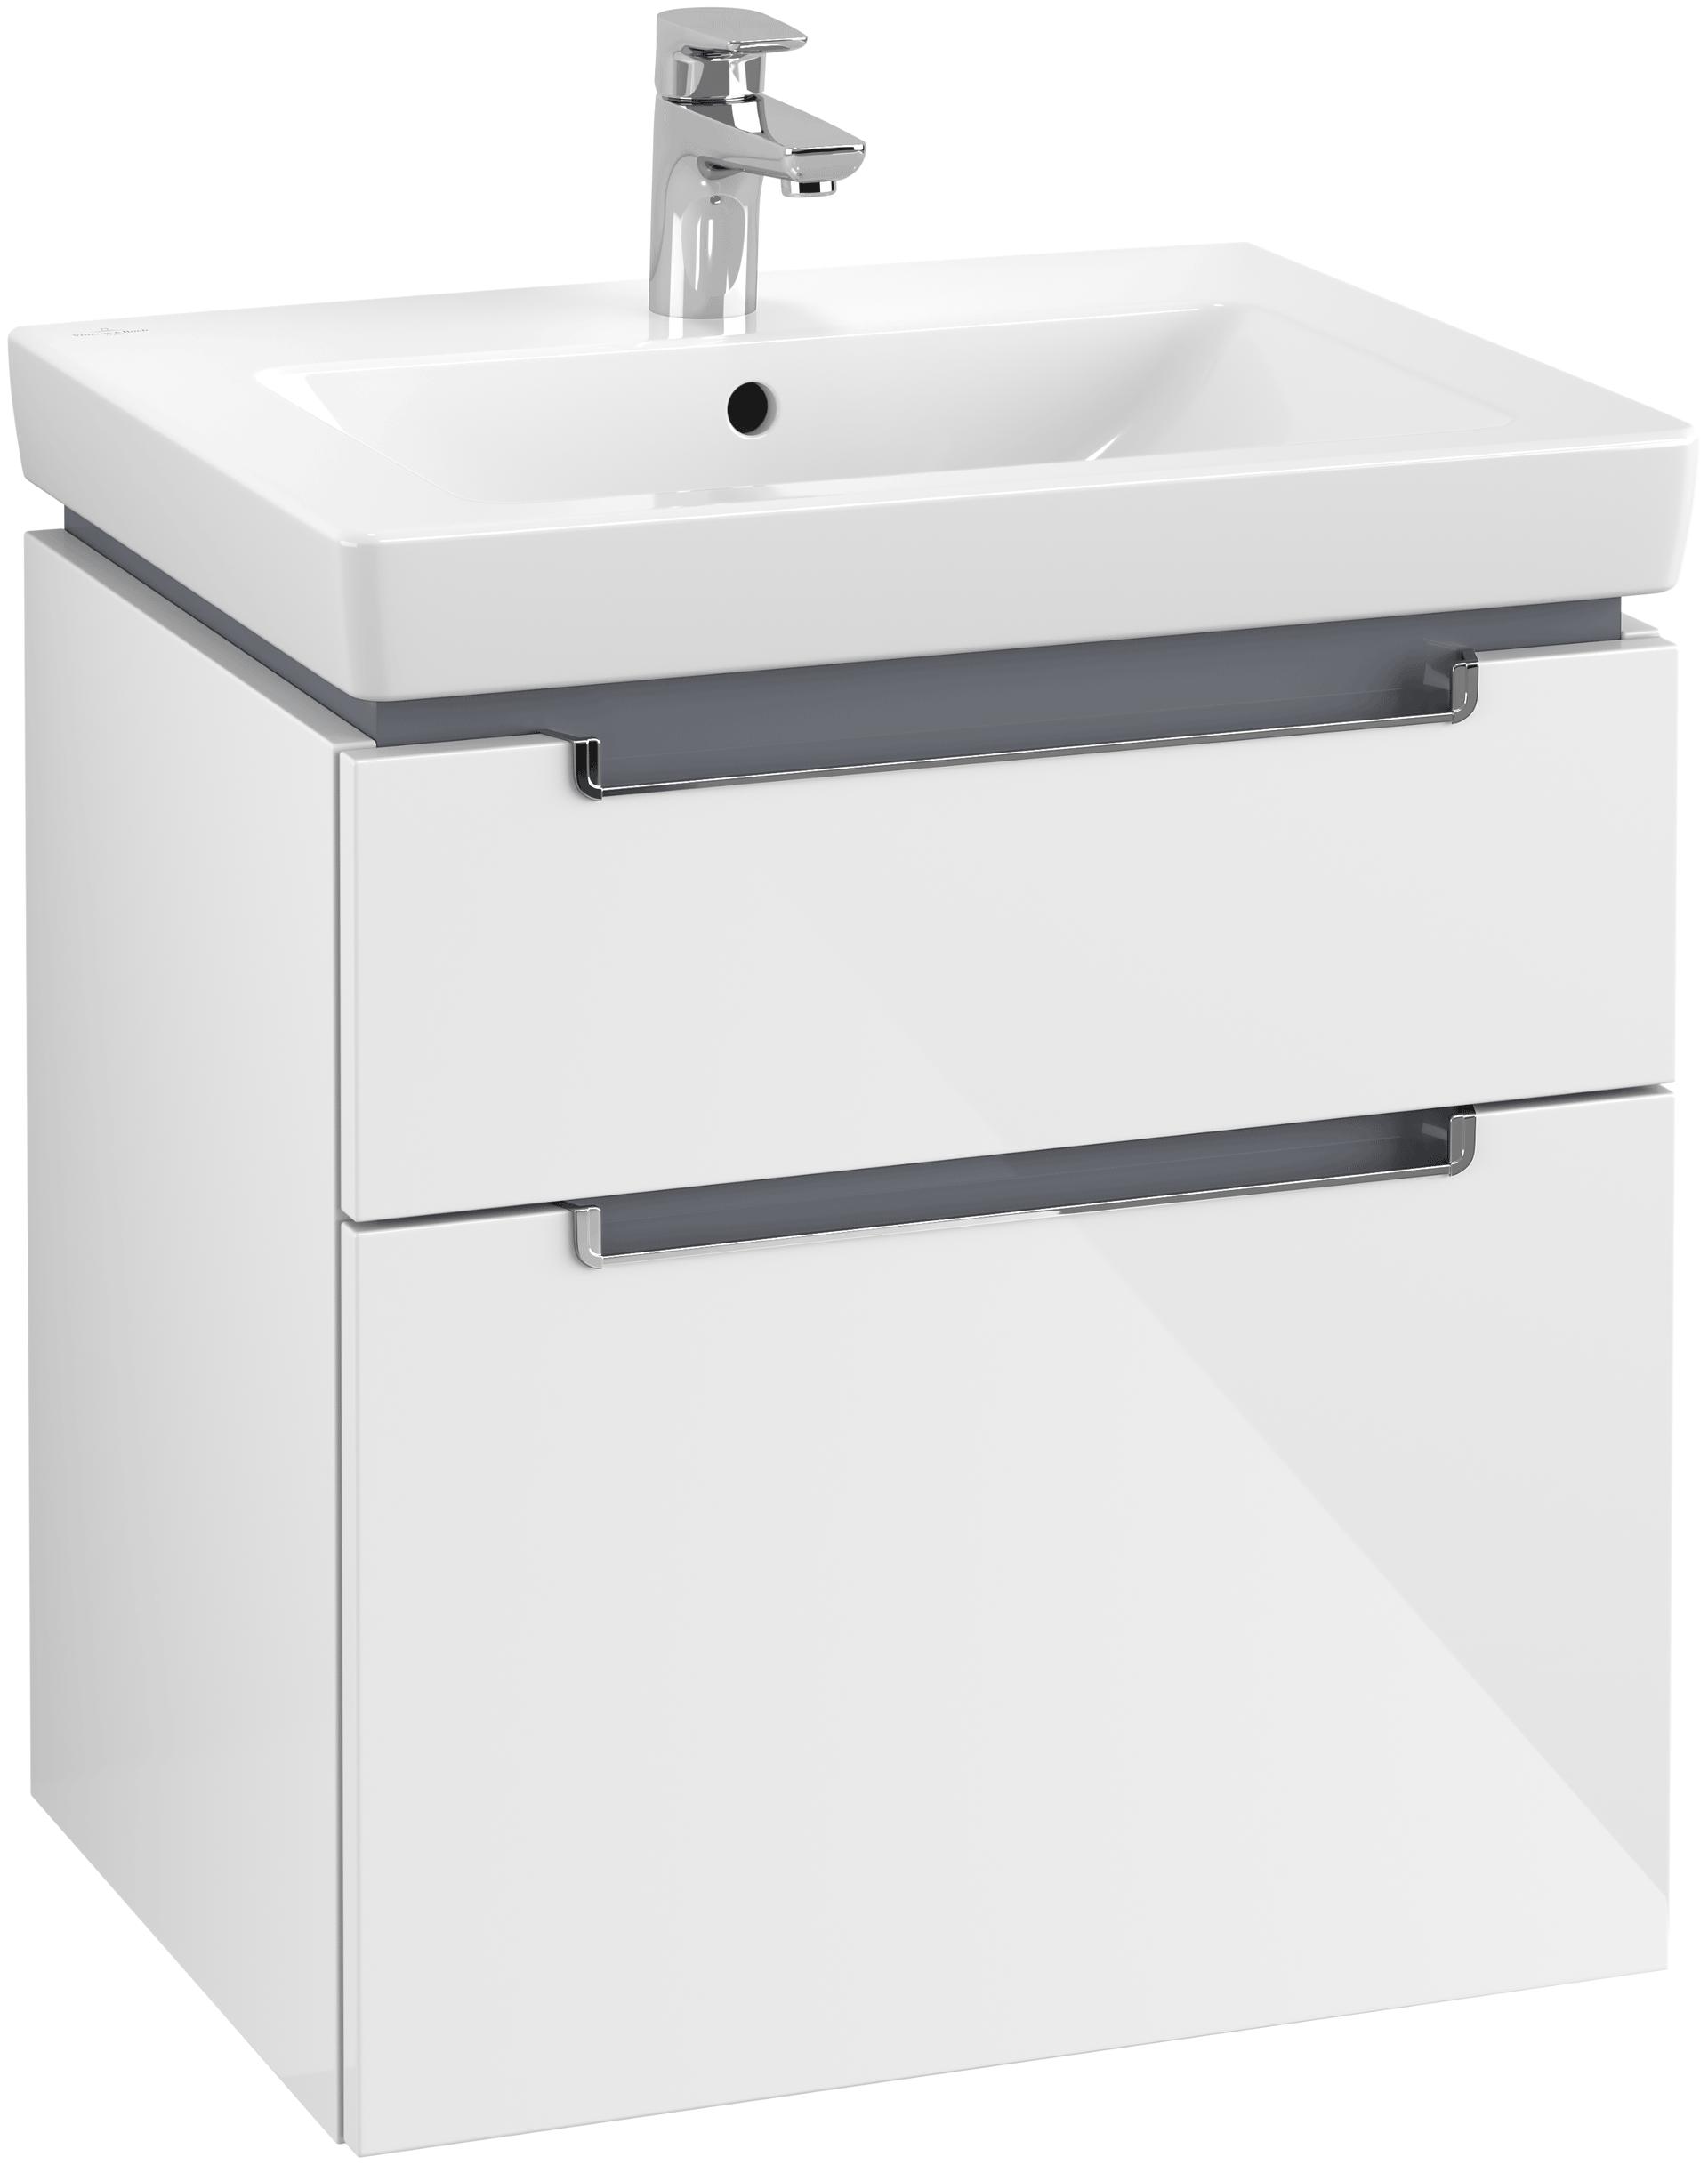 Villeroy & Boch Subway 2.0 - Unterschrank für Waschtisch